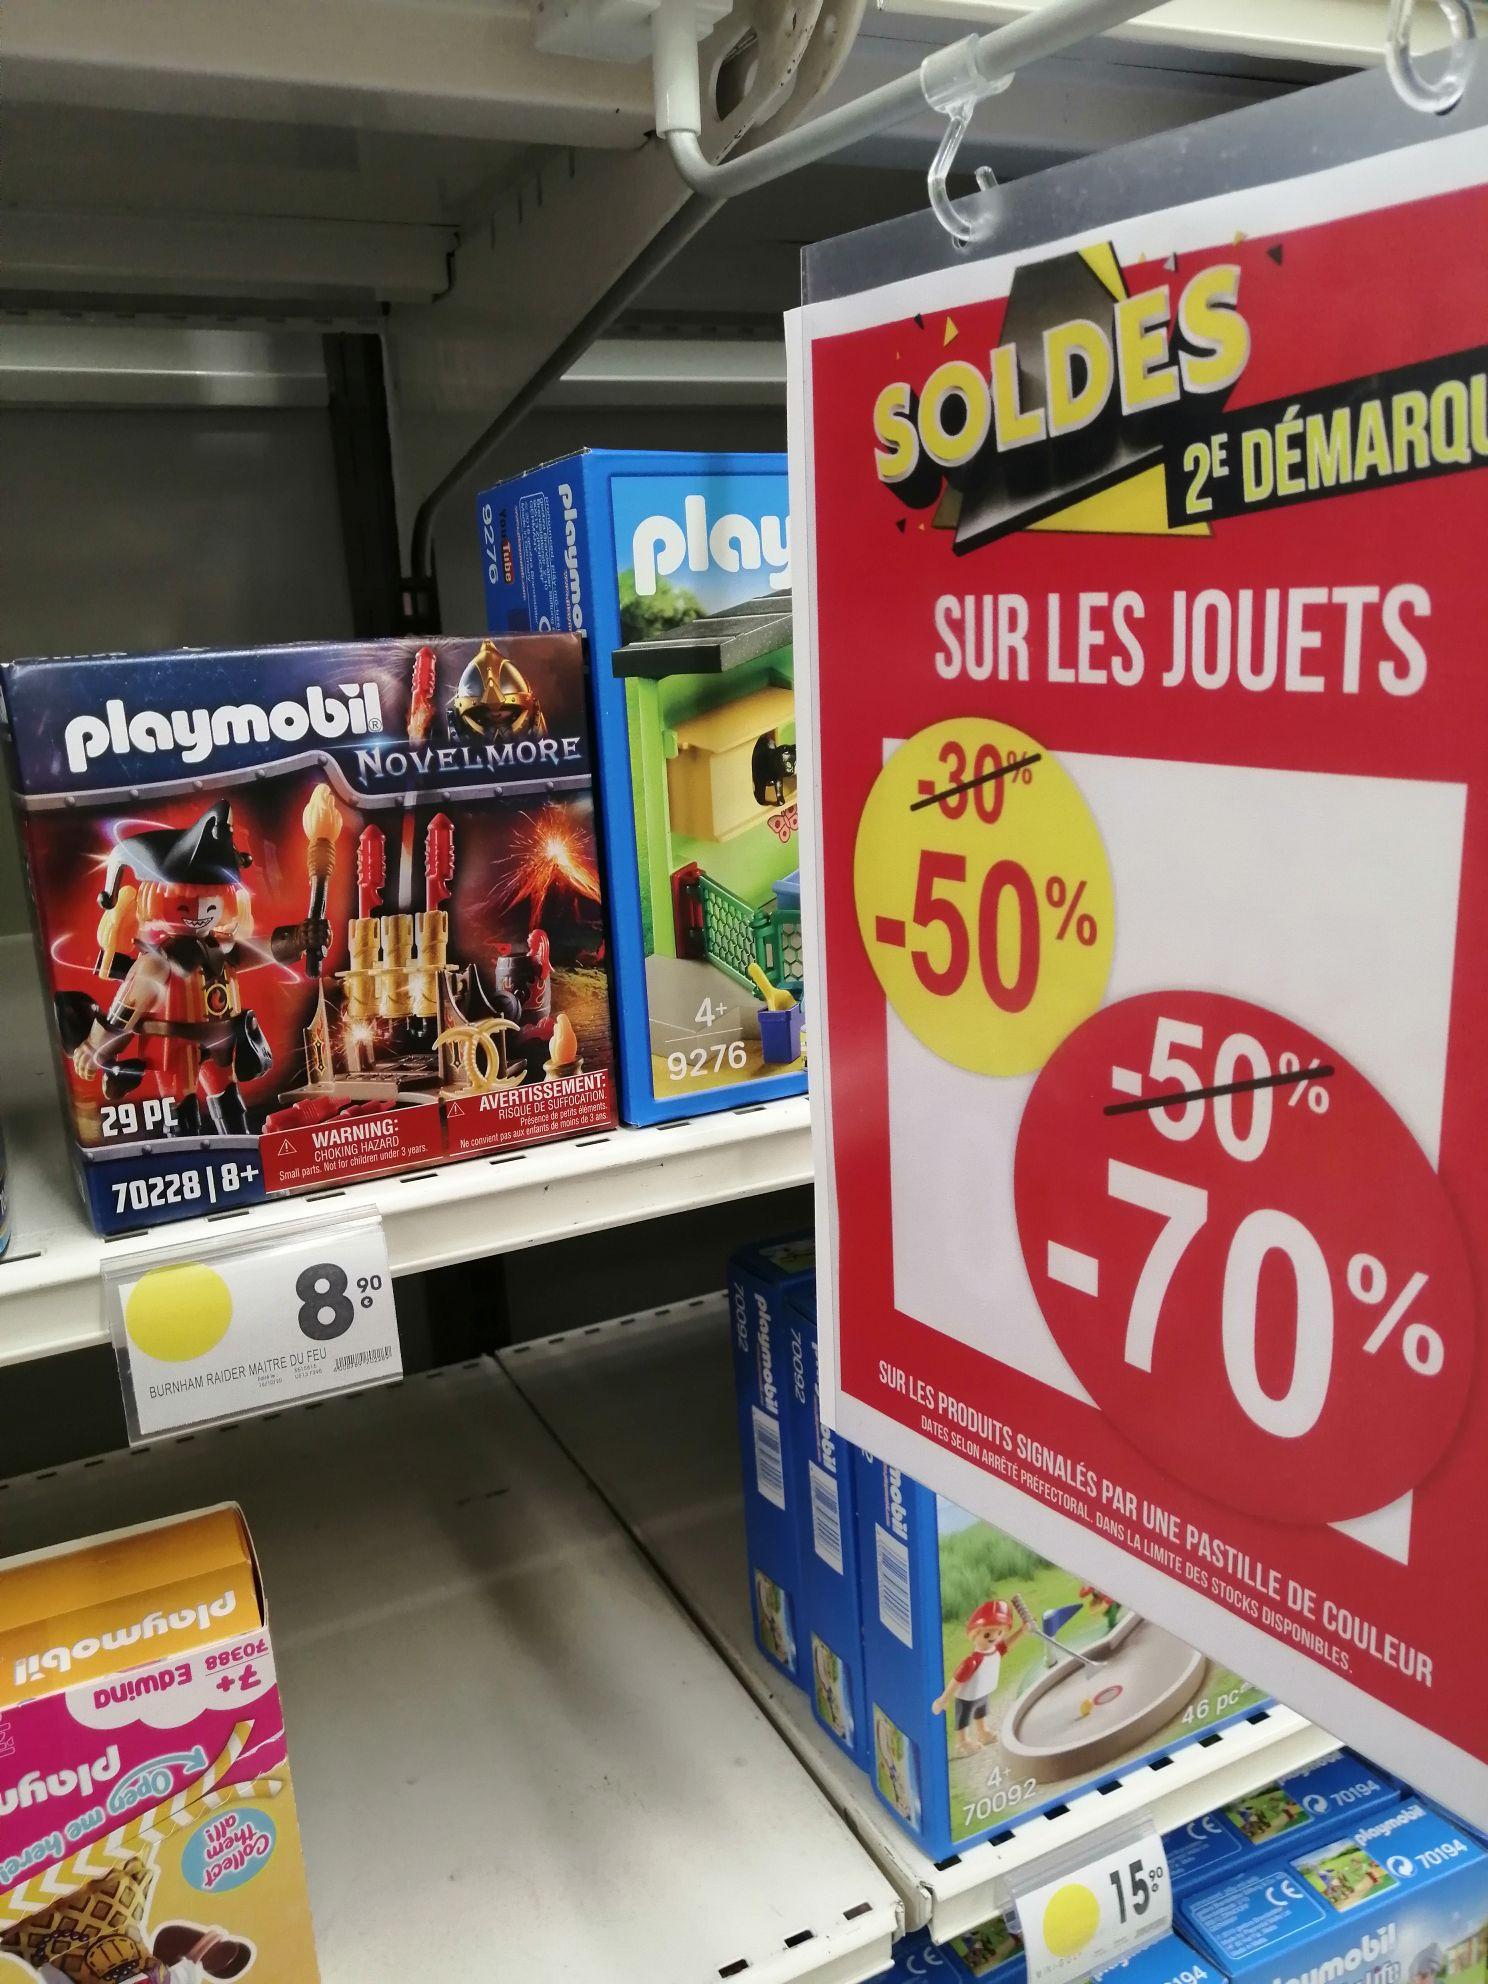 Sélection de jouets Playmobil, Lego, Disney,... en promotion - Lons (64), Carcassonne (11)